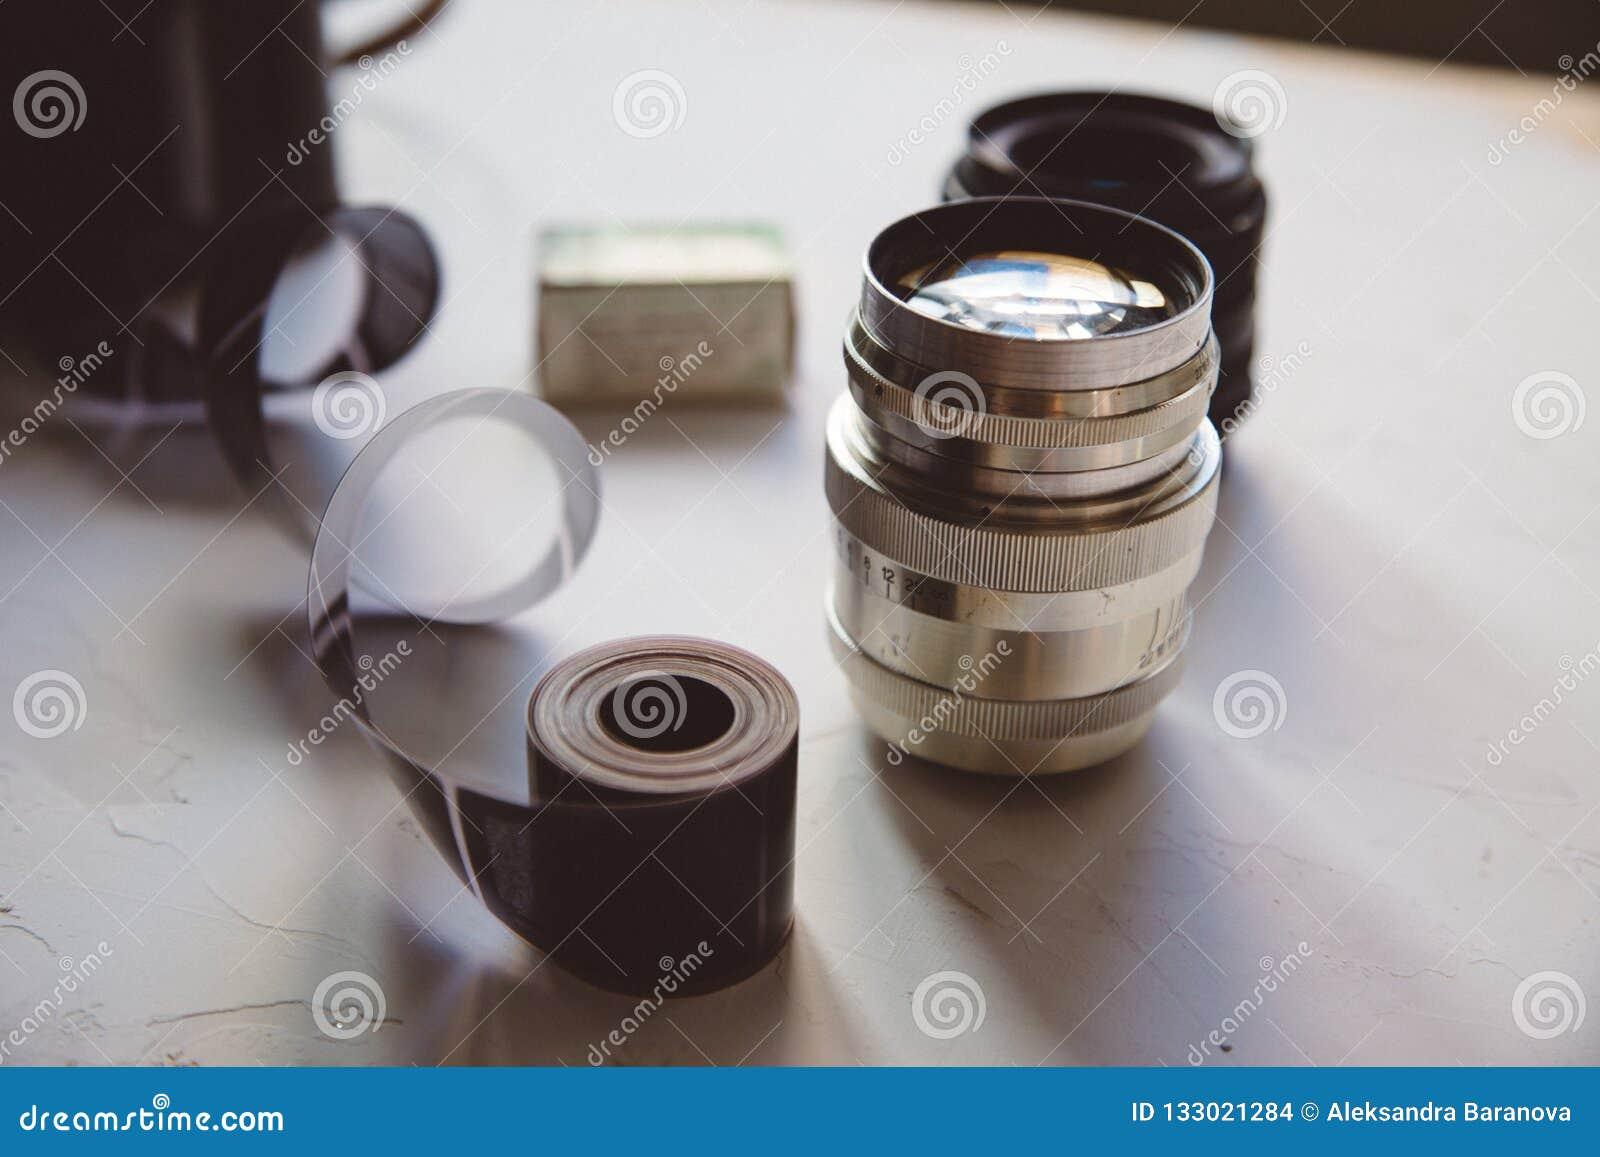 Rocznik kamera, film, retro obiektywy na bielu stole, kopii przestrzeń